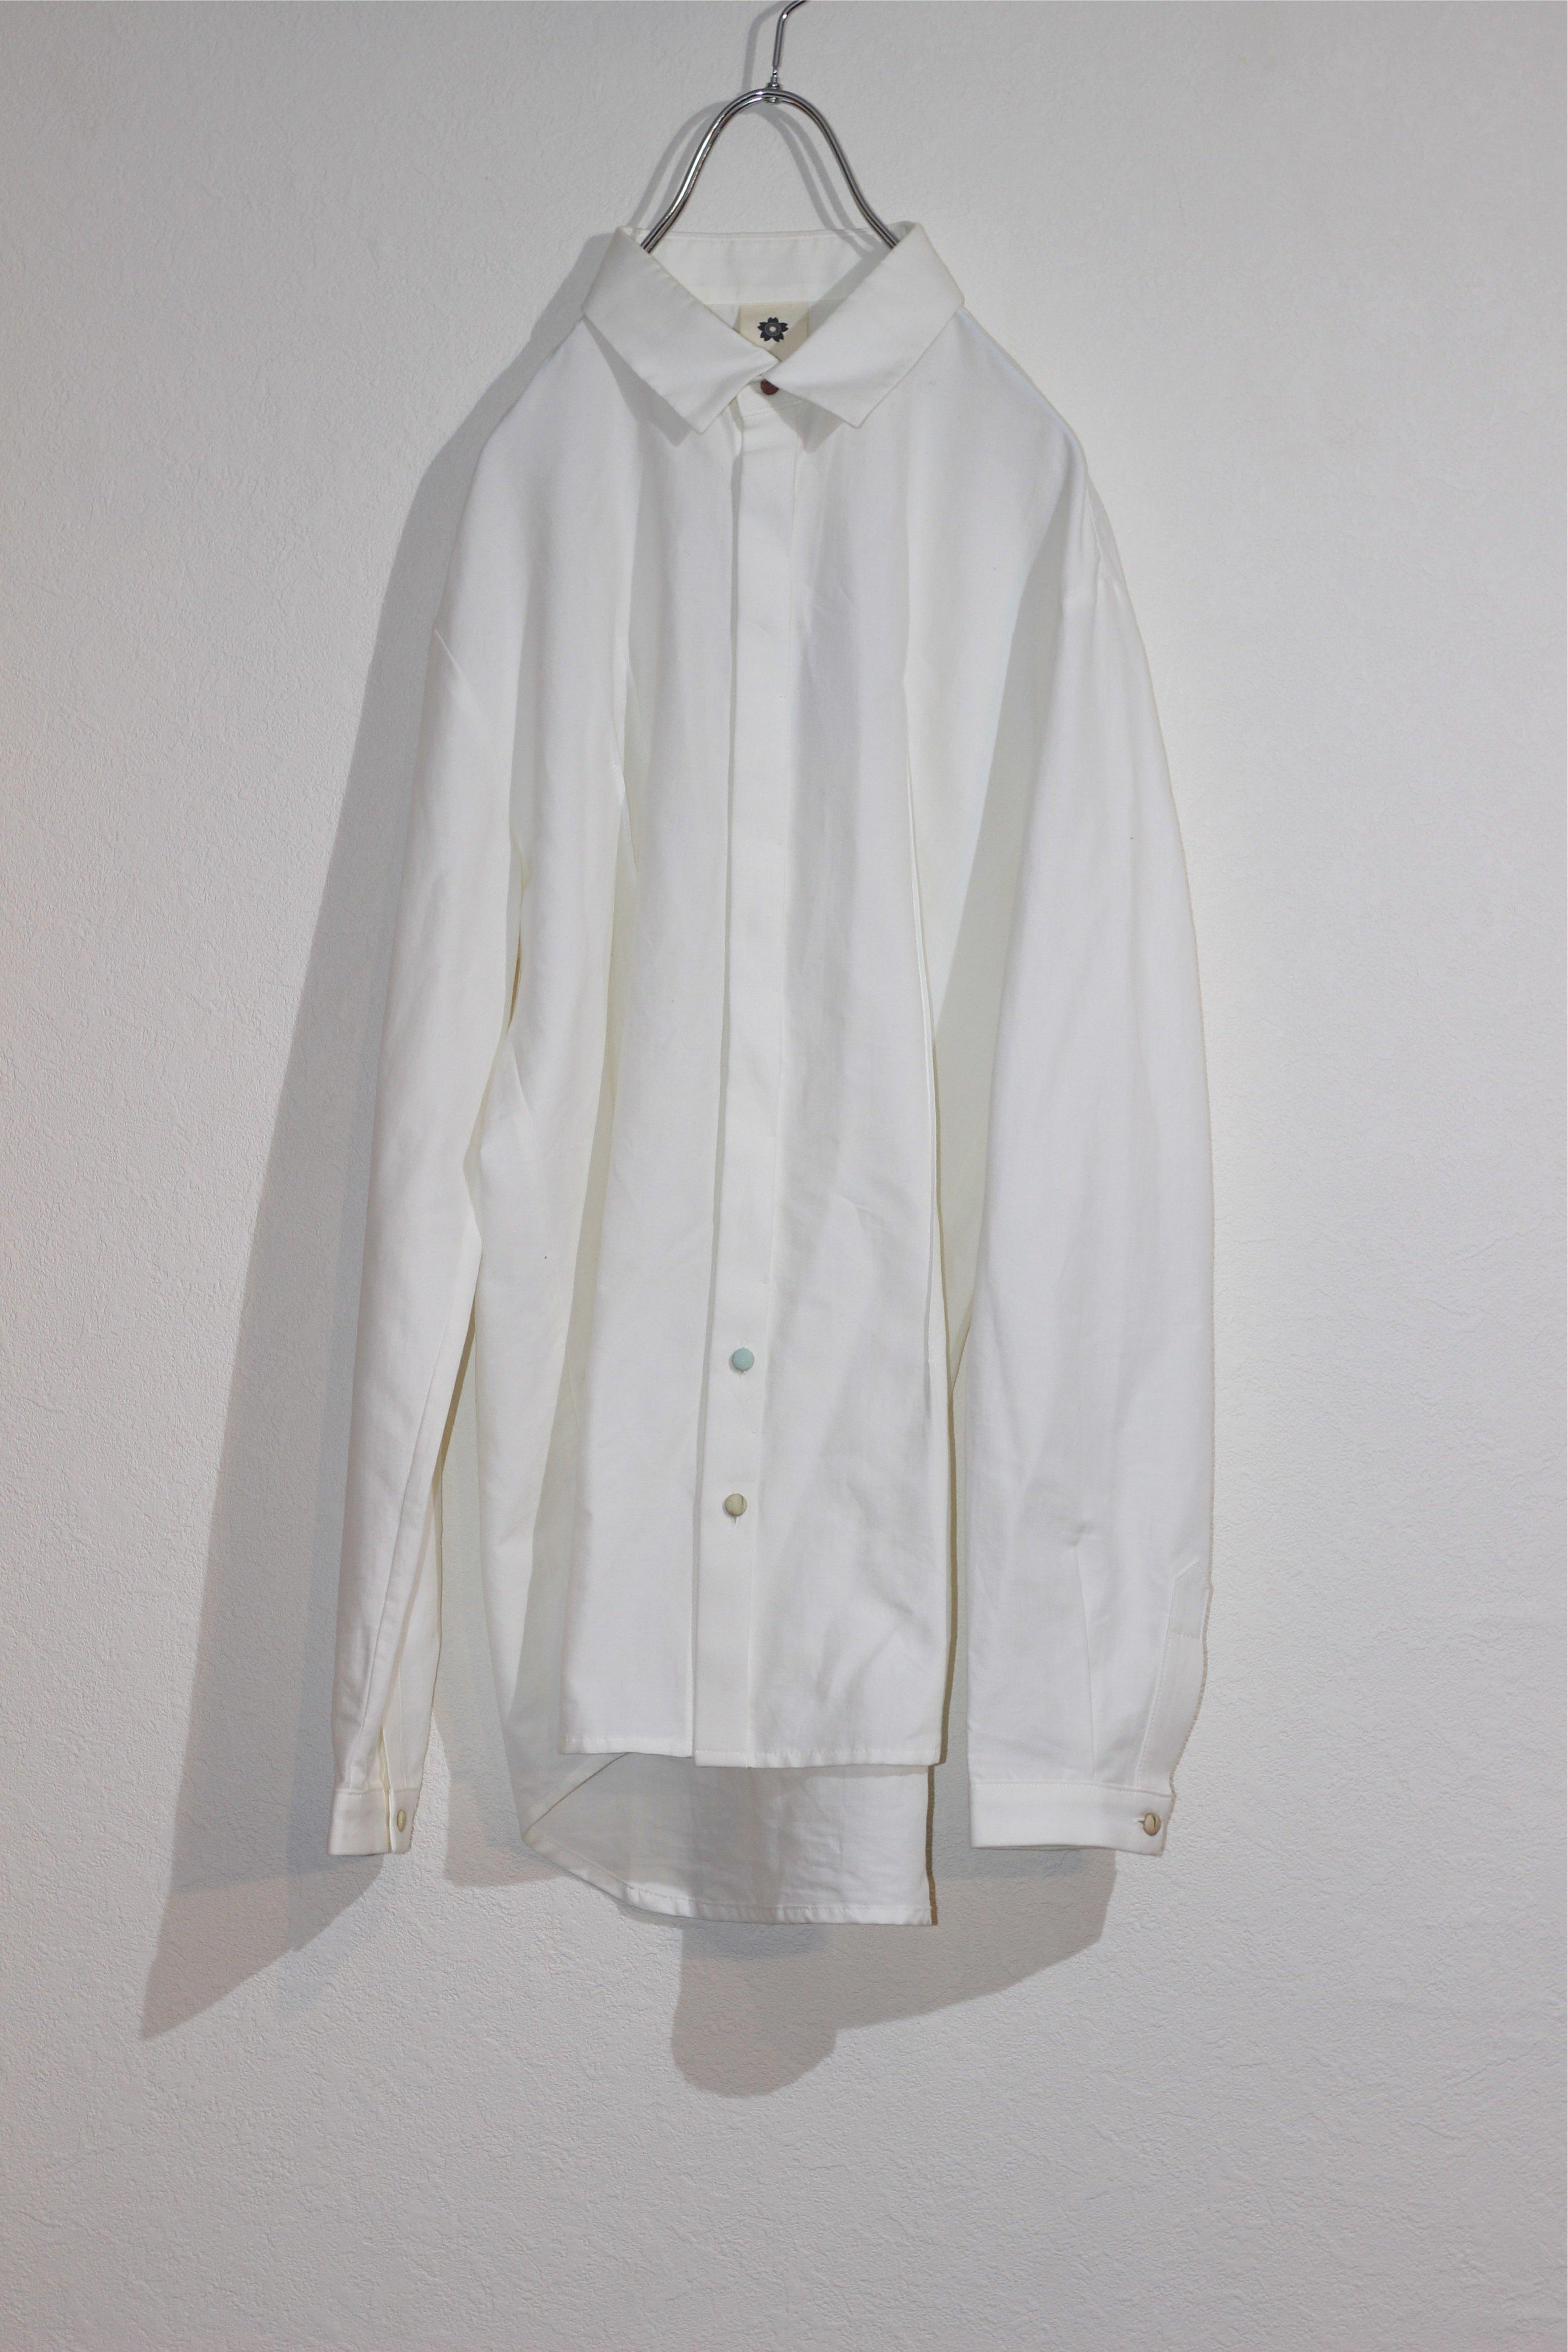 ohta white shirt